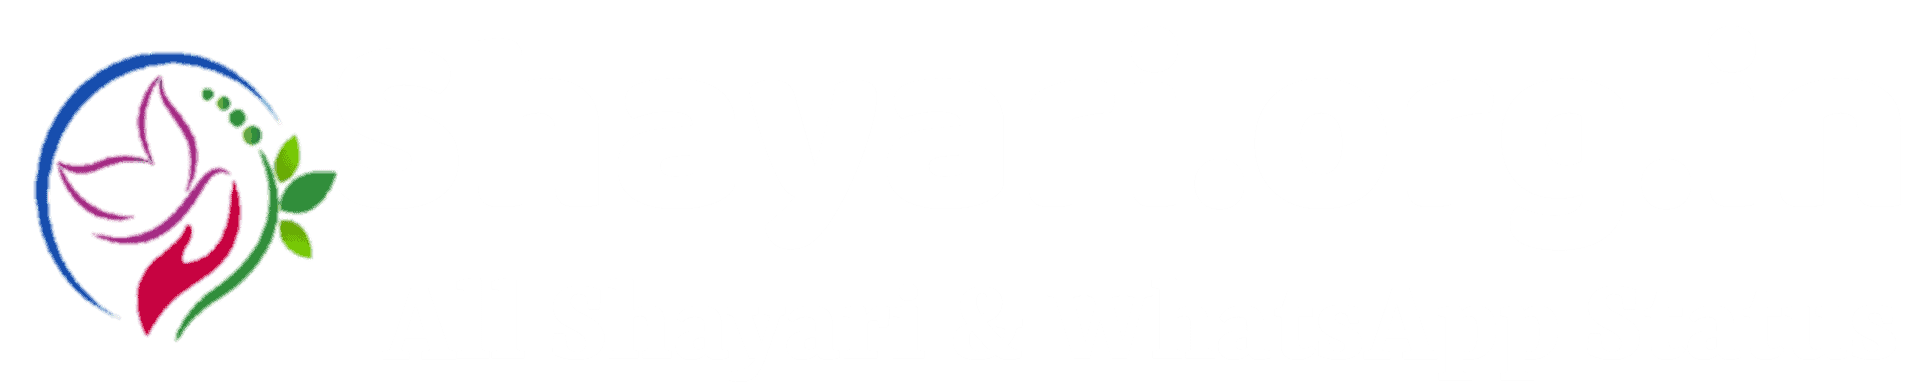 Shayari, हिंदी शायरी, Guarati Shayari Status